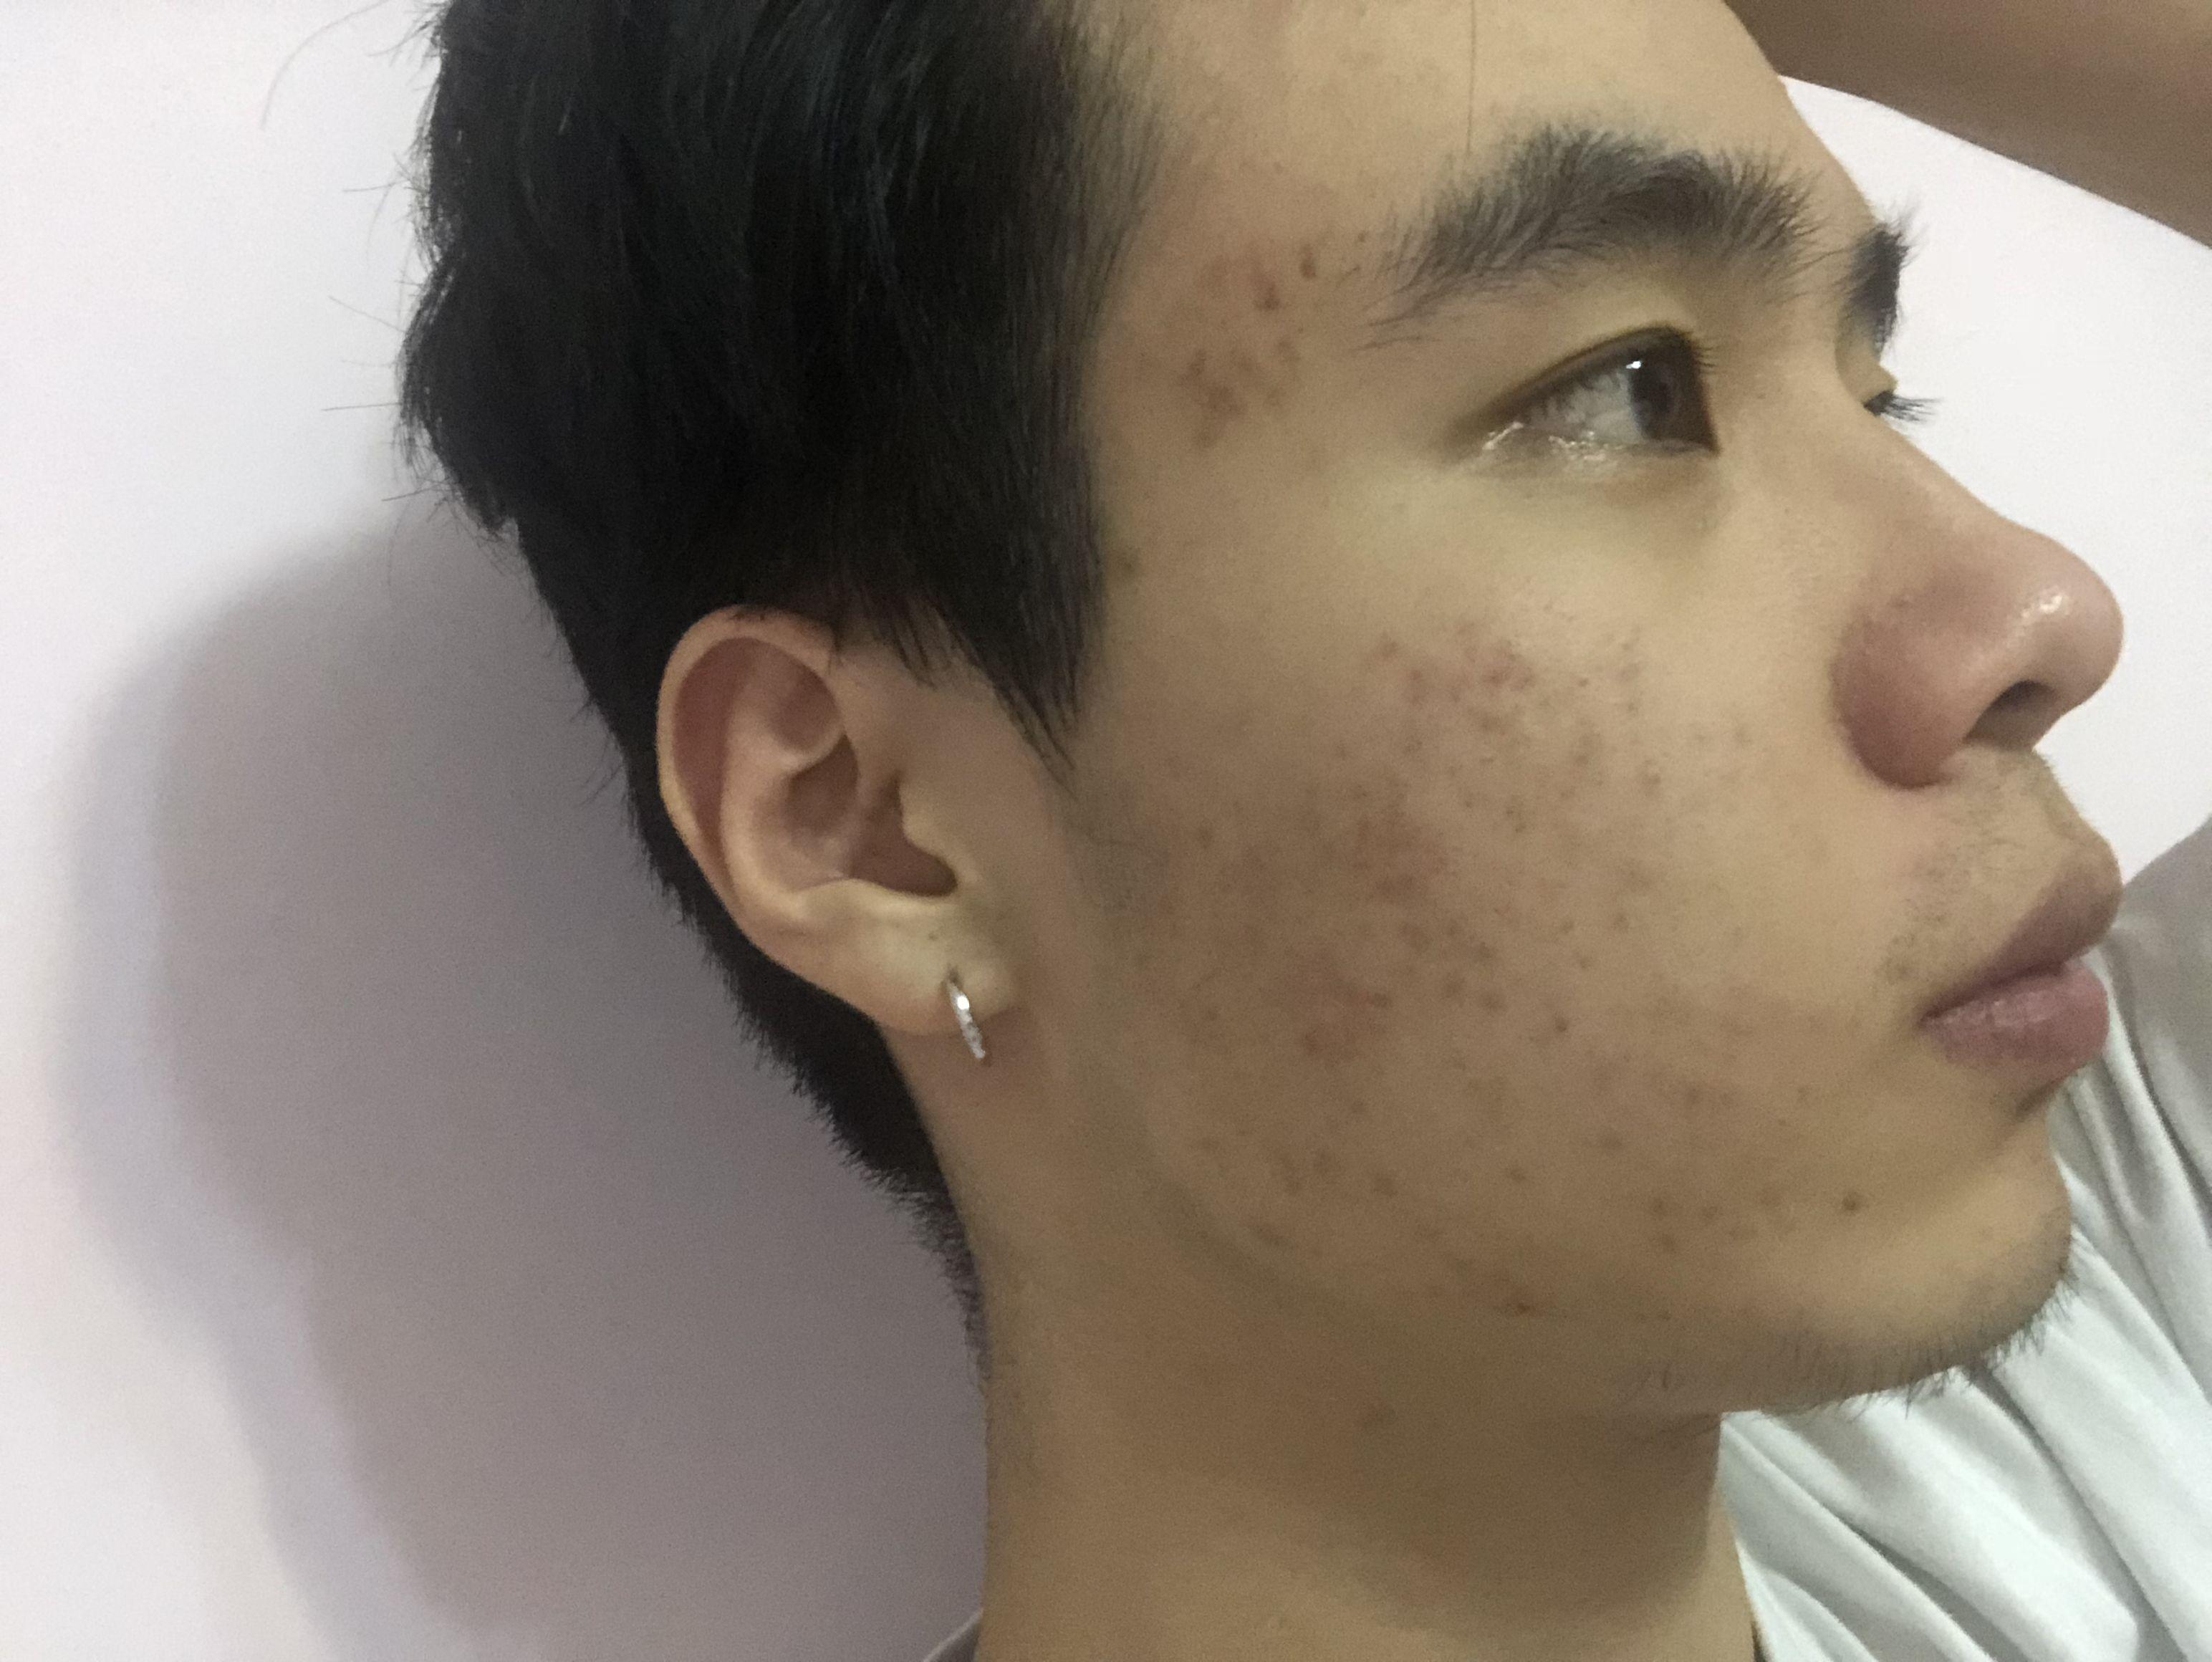 臉上的痘痘都是之前不注意保養造成的,男孩子好像都是不在意自己的臉,但是真的長滿痘痘的時候想哭的心都有了,女孩子還能靠化妝來蓋一蓋,對我來說沒點用。 上次做了第二次治療現在的痘痘已經沒有了,只留下了痘印,關于長痘的痛苦我已經不想再提,心很累,這次留下的痘印醫生說微針治療效果很好的,微針可以不破壞皮膚表皮層,提升肌膚的再生功能。 剛做完幾天是有一點結痂的,還好這幾天已經掉完了,千萬不要扣!另外微針其實是有點疼的,但是相信為了解決問題這點疼是能接受的,希望大家勇敢面對~